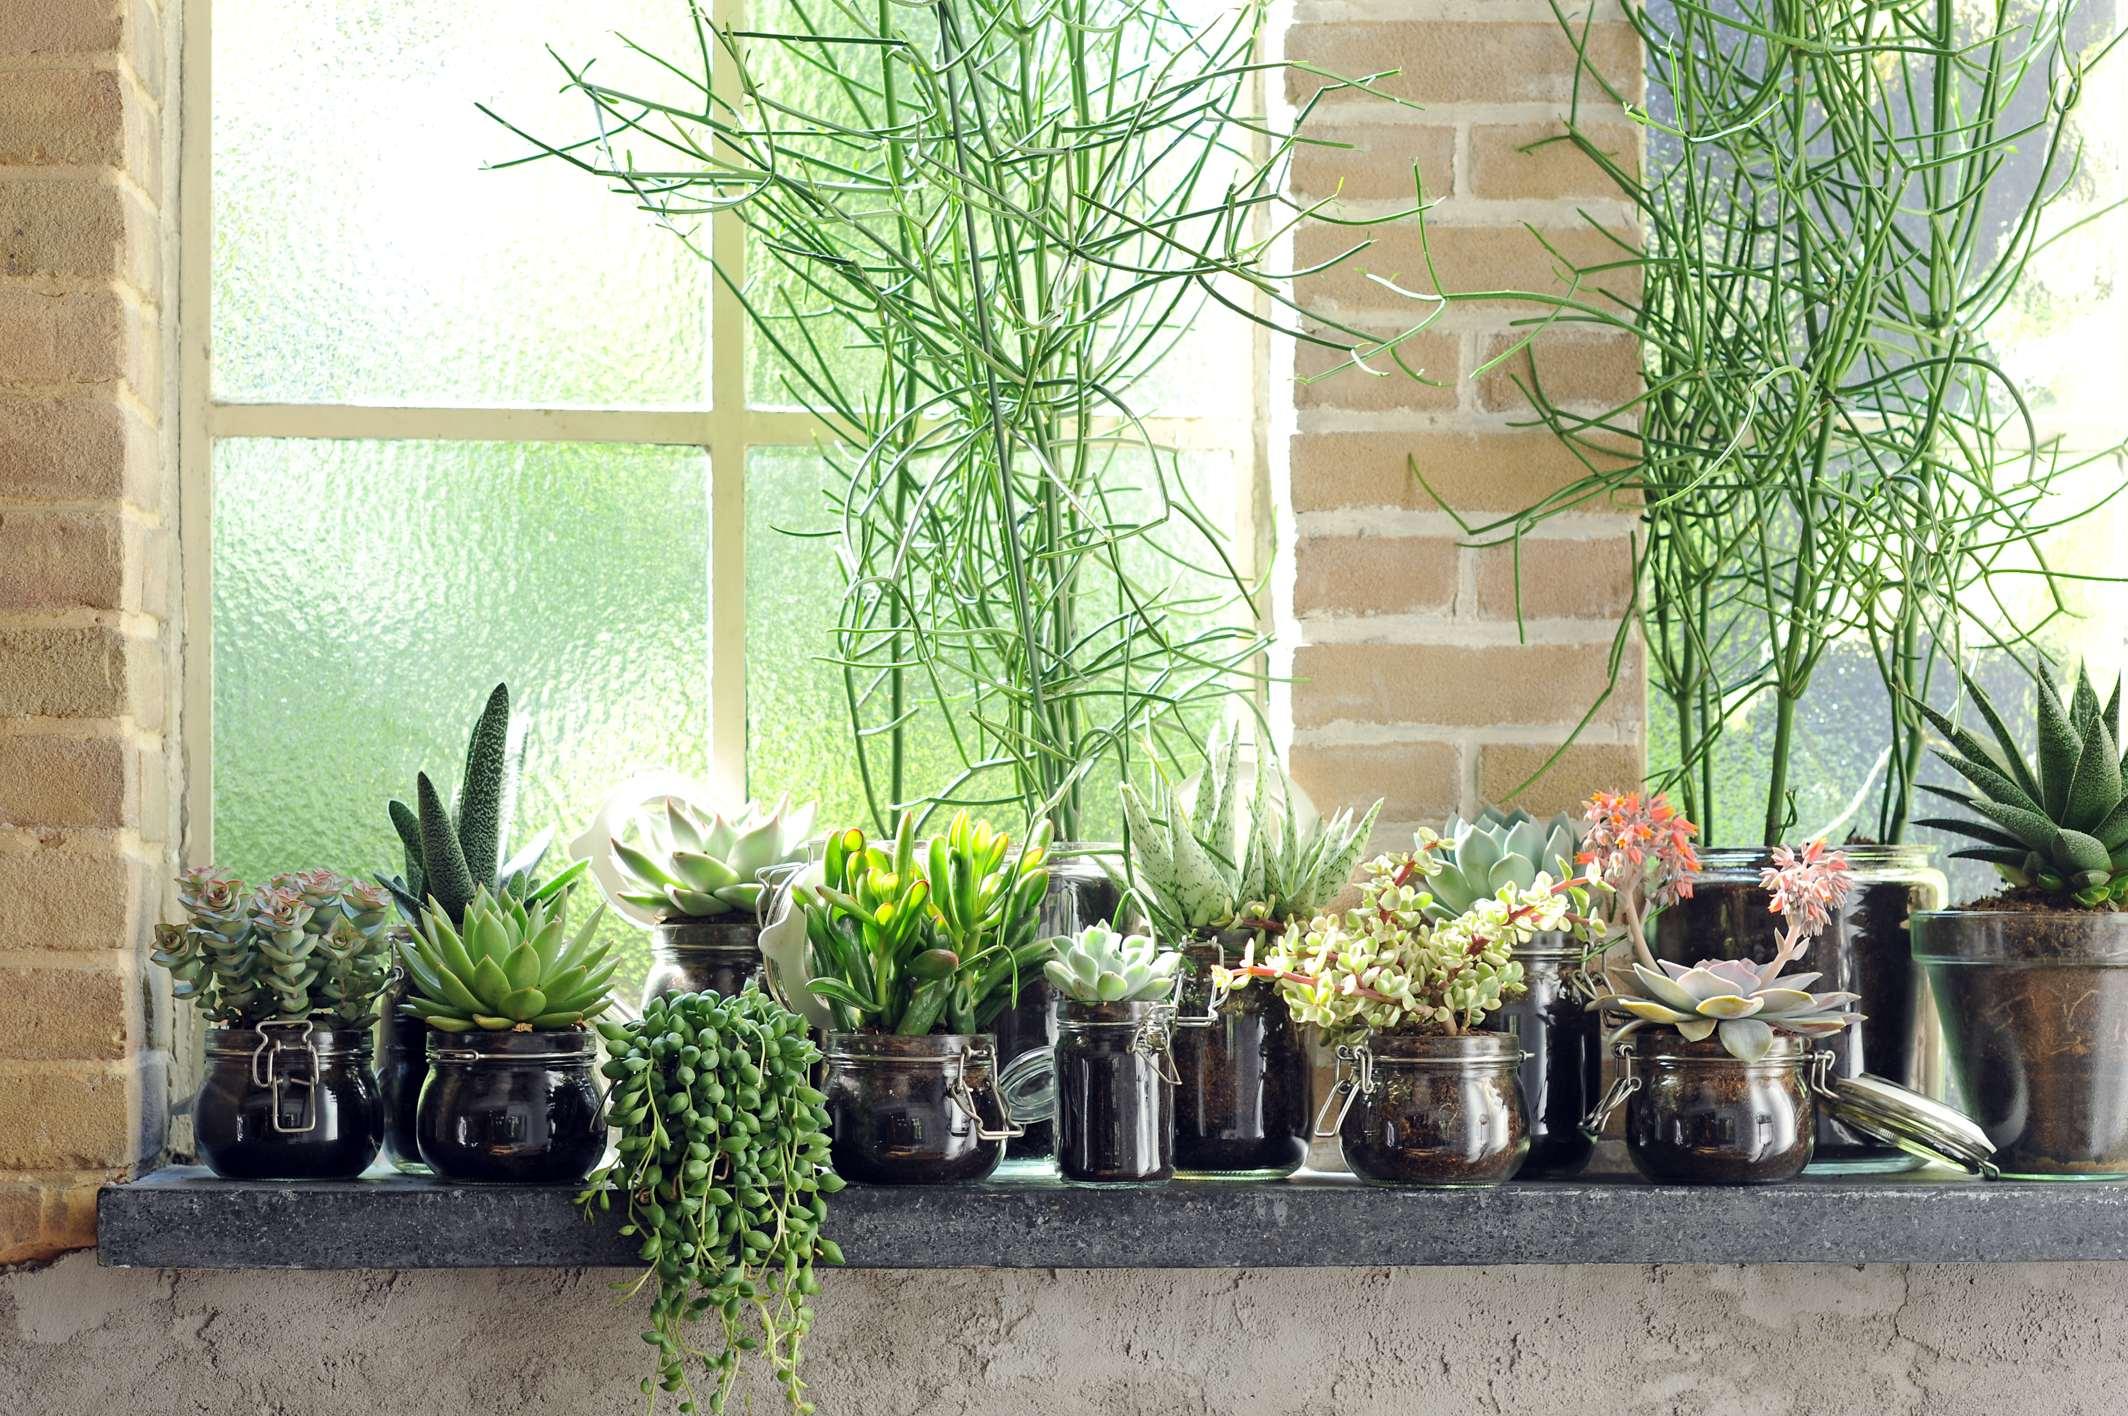 de kracht van planten in je huis inrichting. Black Bedroom Furniture Sets. Home Design Ideas